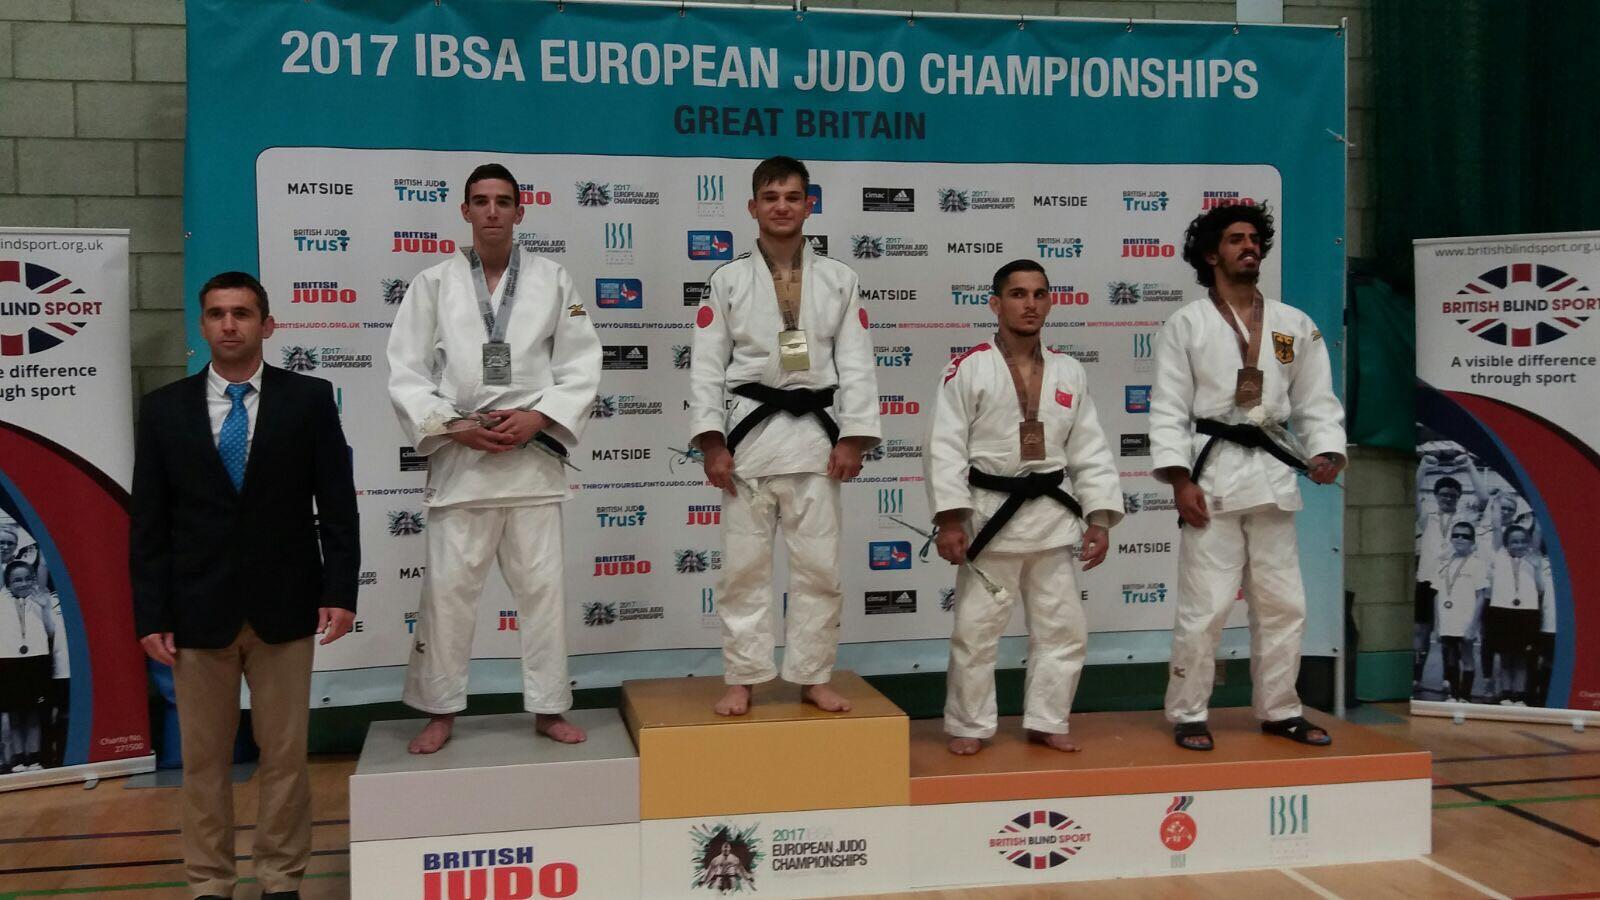 El judoka aragonés, Sergio Ibáñez, a la izquierda con la medalla de plata. Fuentb: AD